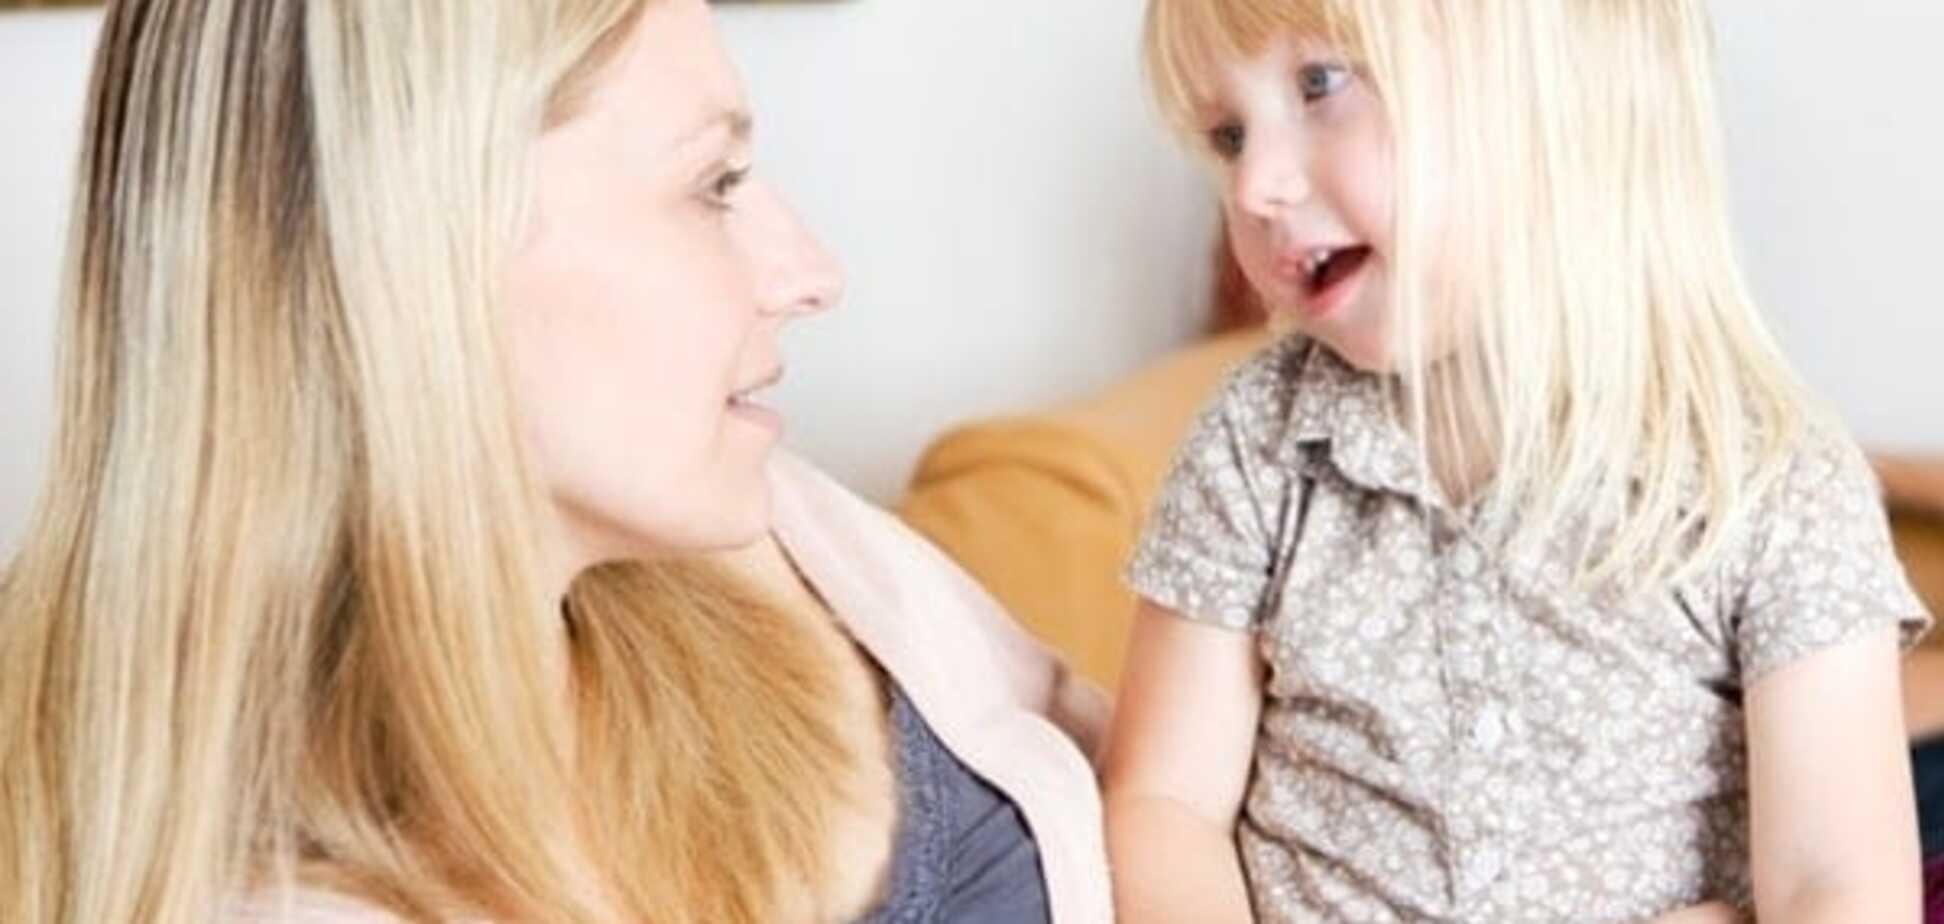 Умение справляться с трудностями. Нужно ли родителям помогать его выработать?